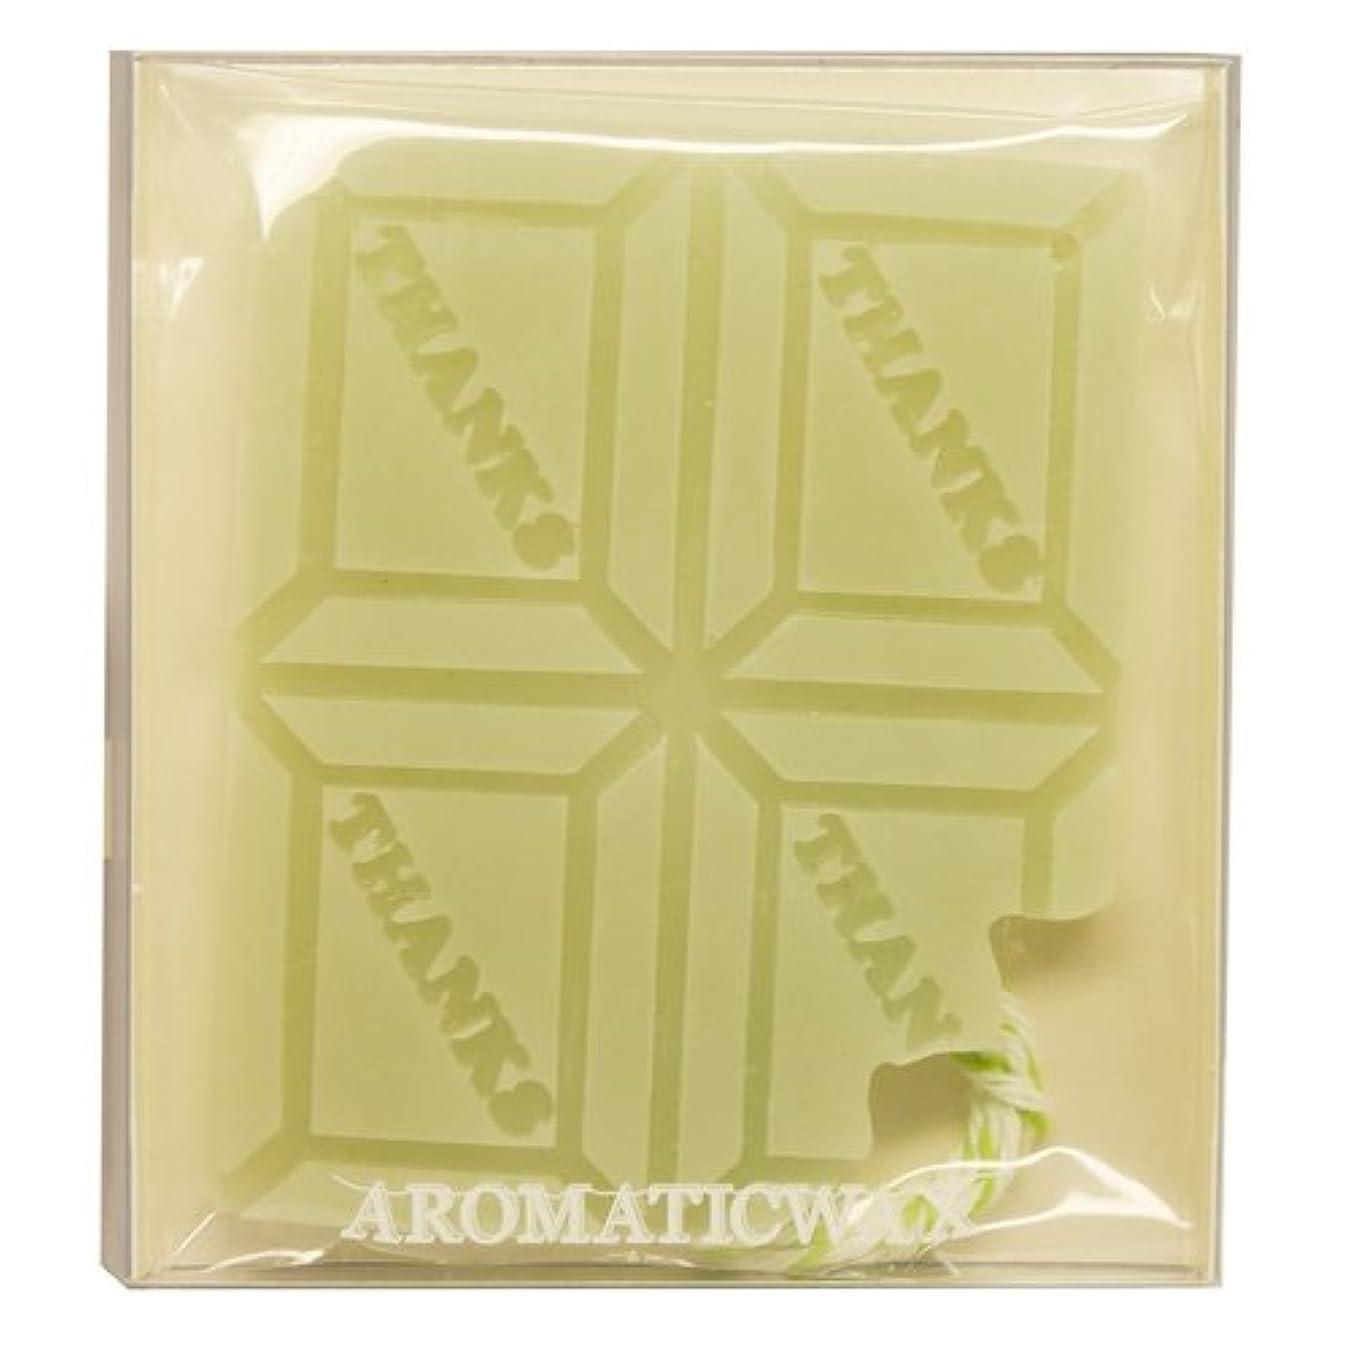 協同ツーリスト町GRASSE TOKYO AROMATICWAXチャーム「板チョコ(THANKS)」(GR) レモングラス アロマティックワックス グラーストウキョウ